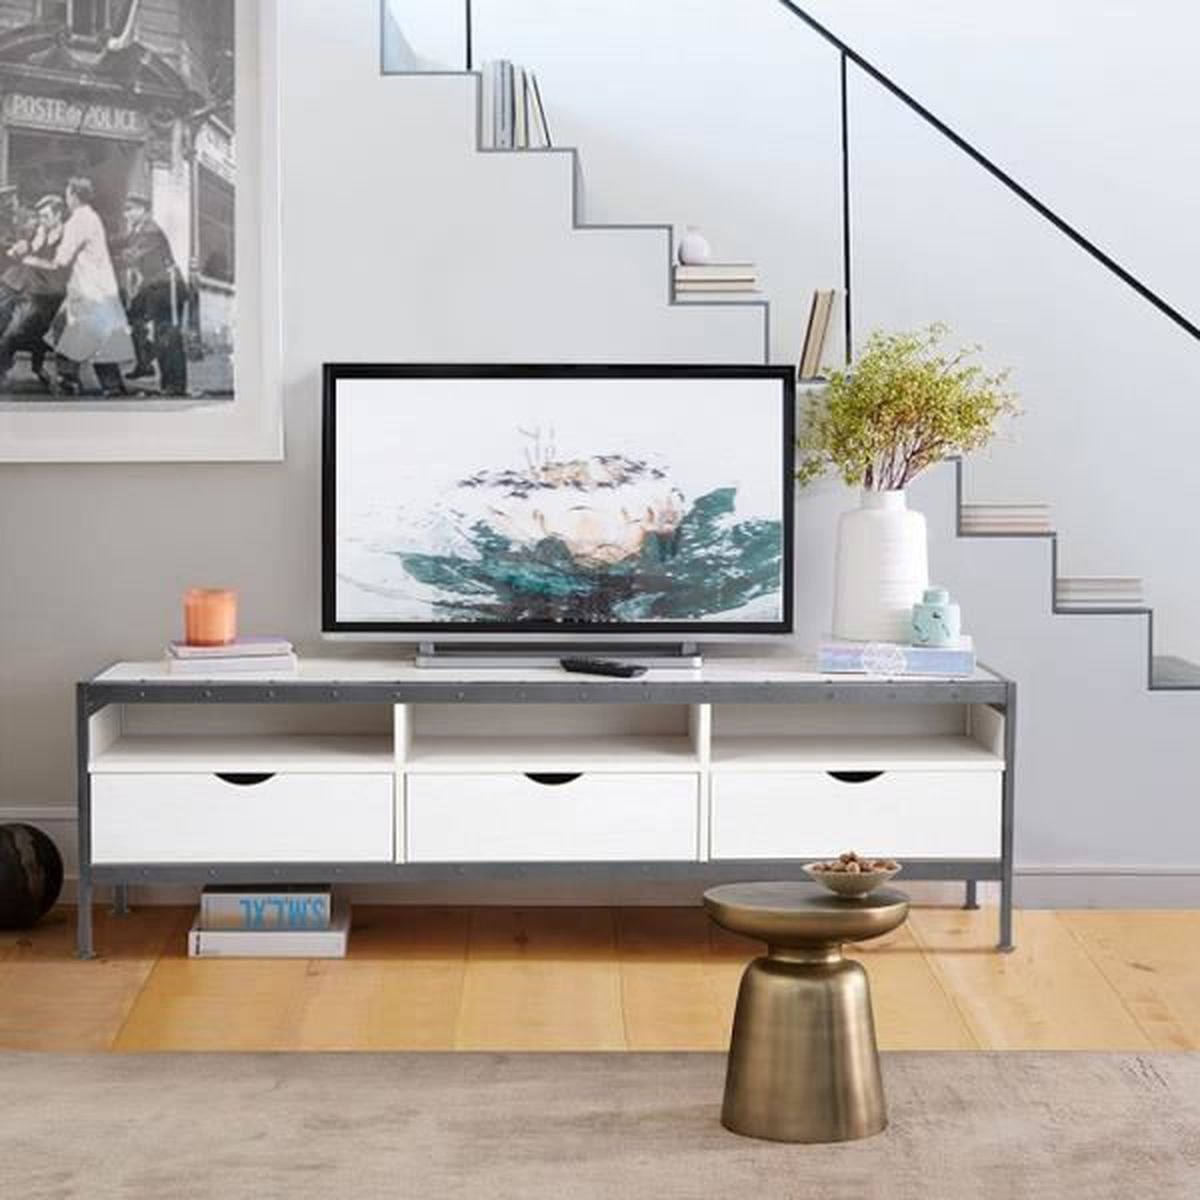 Meuble Tele Tv Support 140cm 3 Tiroirs Compartiments Rangement Plateau Panneau Particules Bois Blanc Metal Peint Gris Achat Vente Meuble Tv Mural Meuble Tele Tv Support 140c Cdiscount